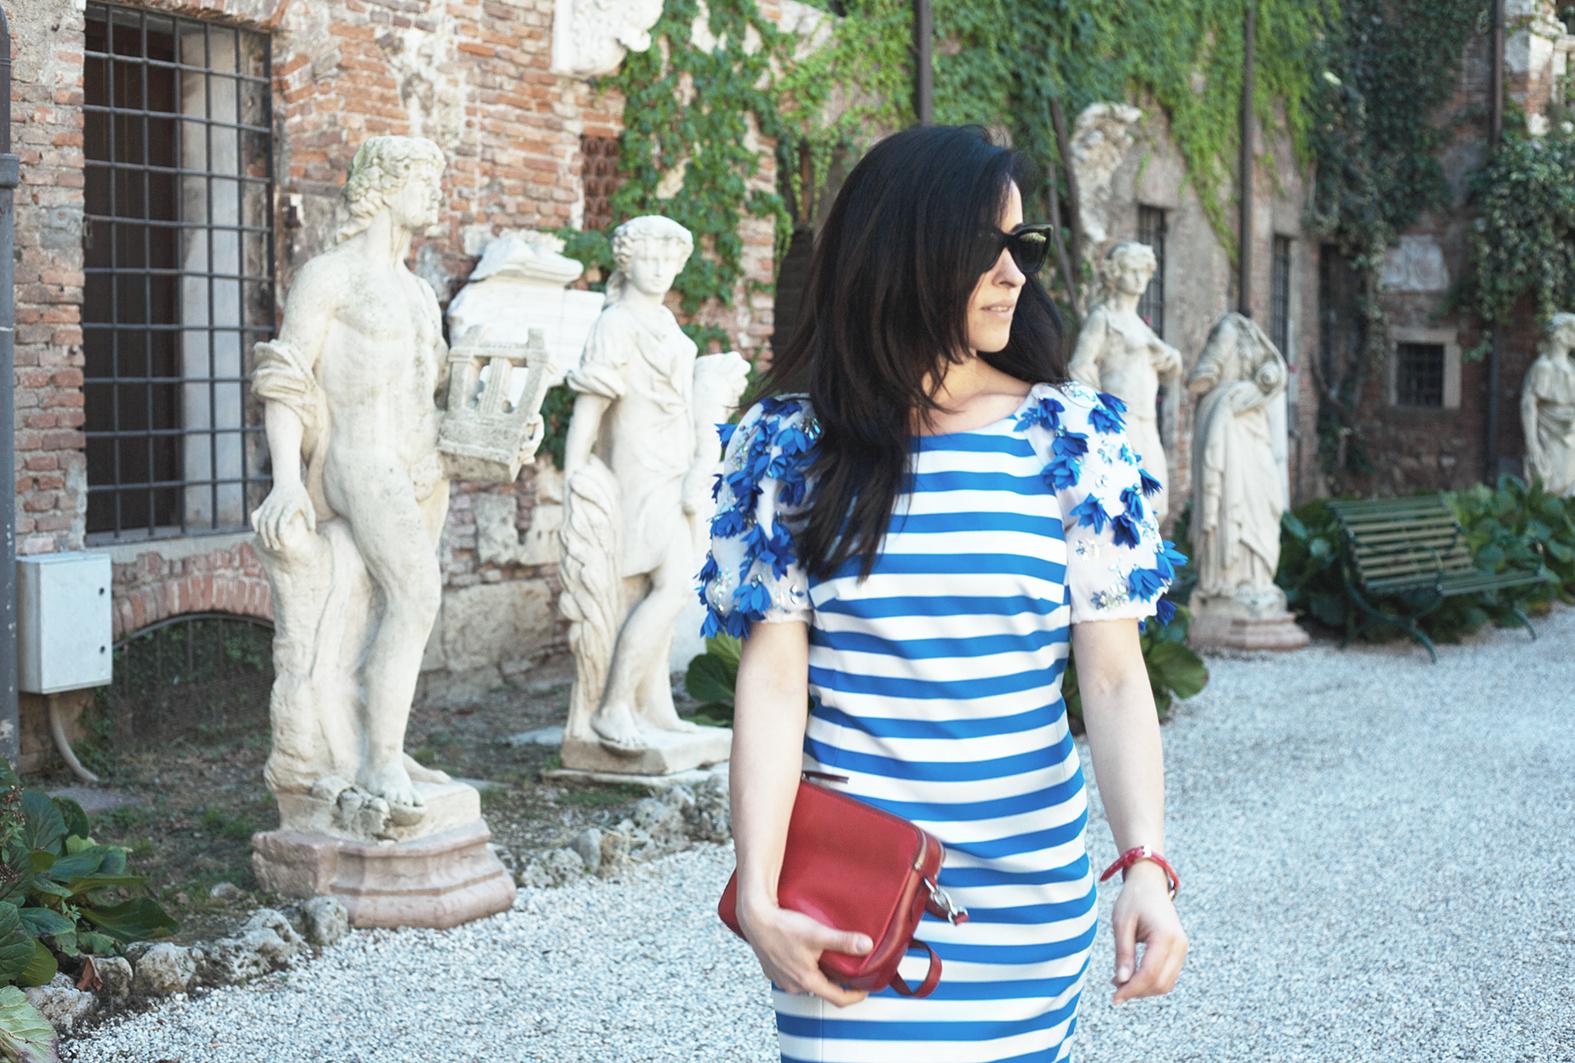 outfit-alessia-canella-vestito-righe-bianche-azzurre-orologio-parigi-borsa-fossil-vestito-mariagrazia-severi